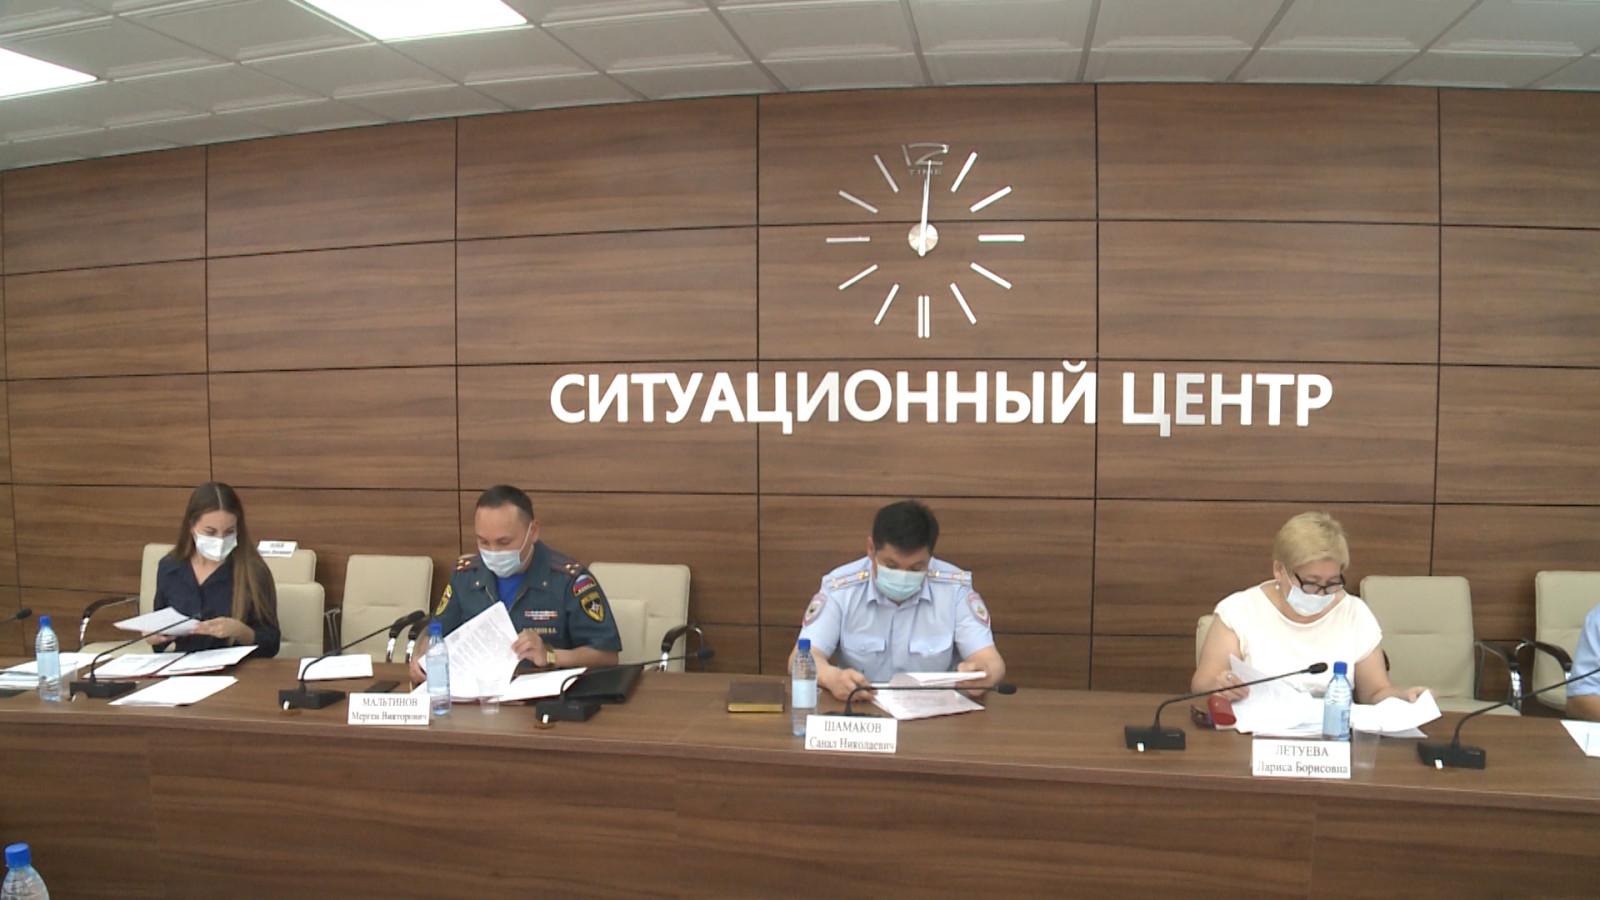 Праздничные мероприятия, посвященные столетию автономии Калмыкии состоятся в сентябре